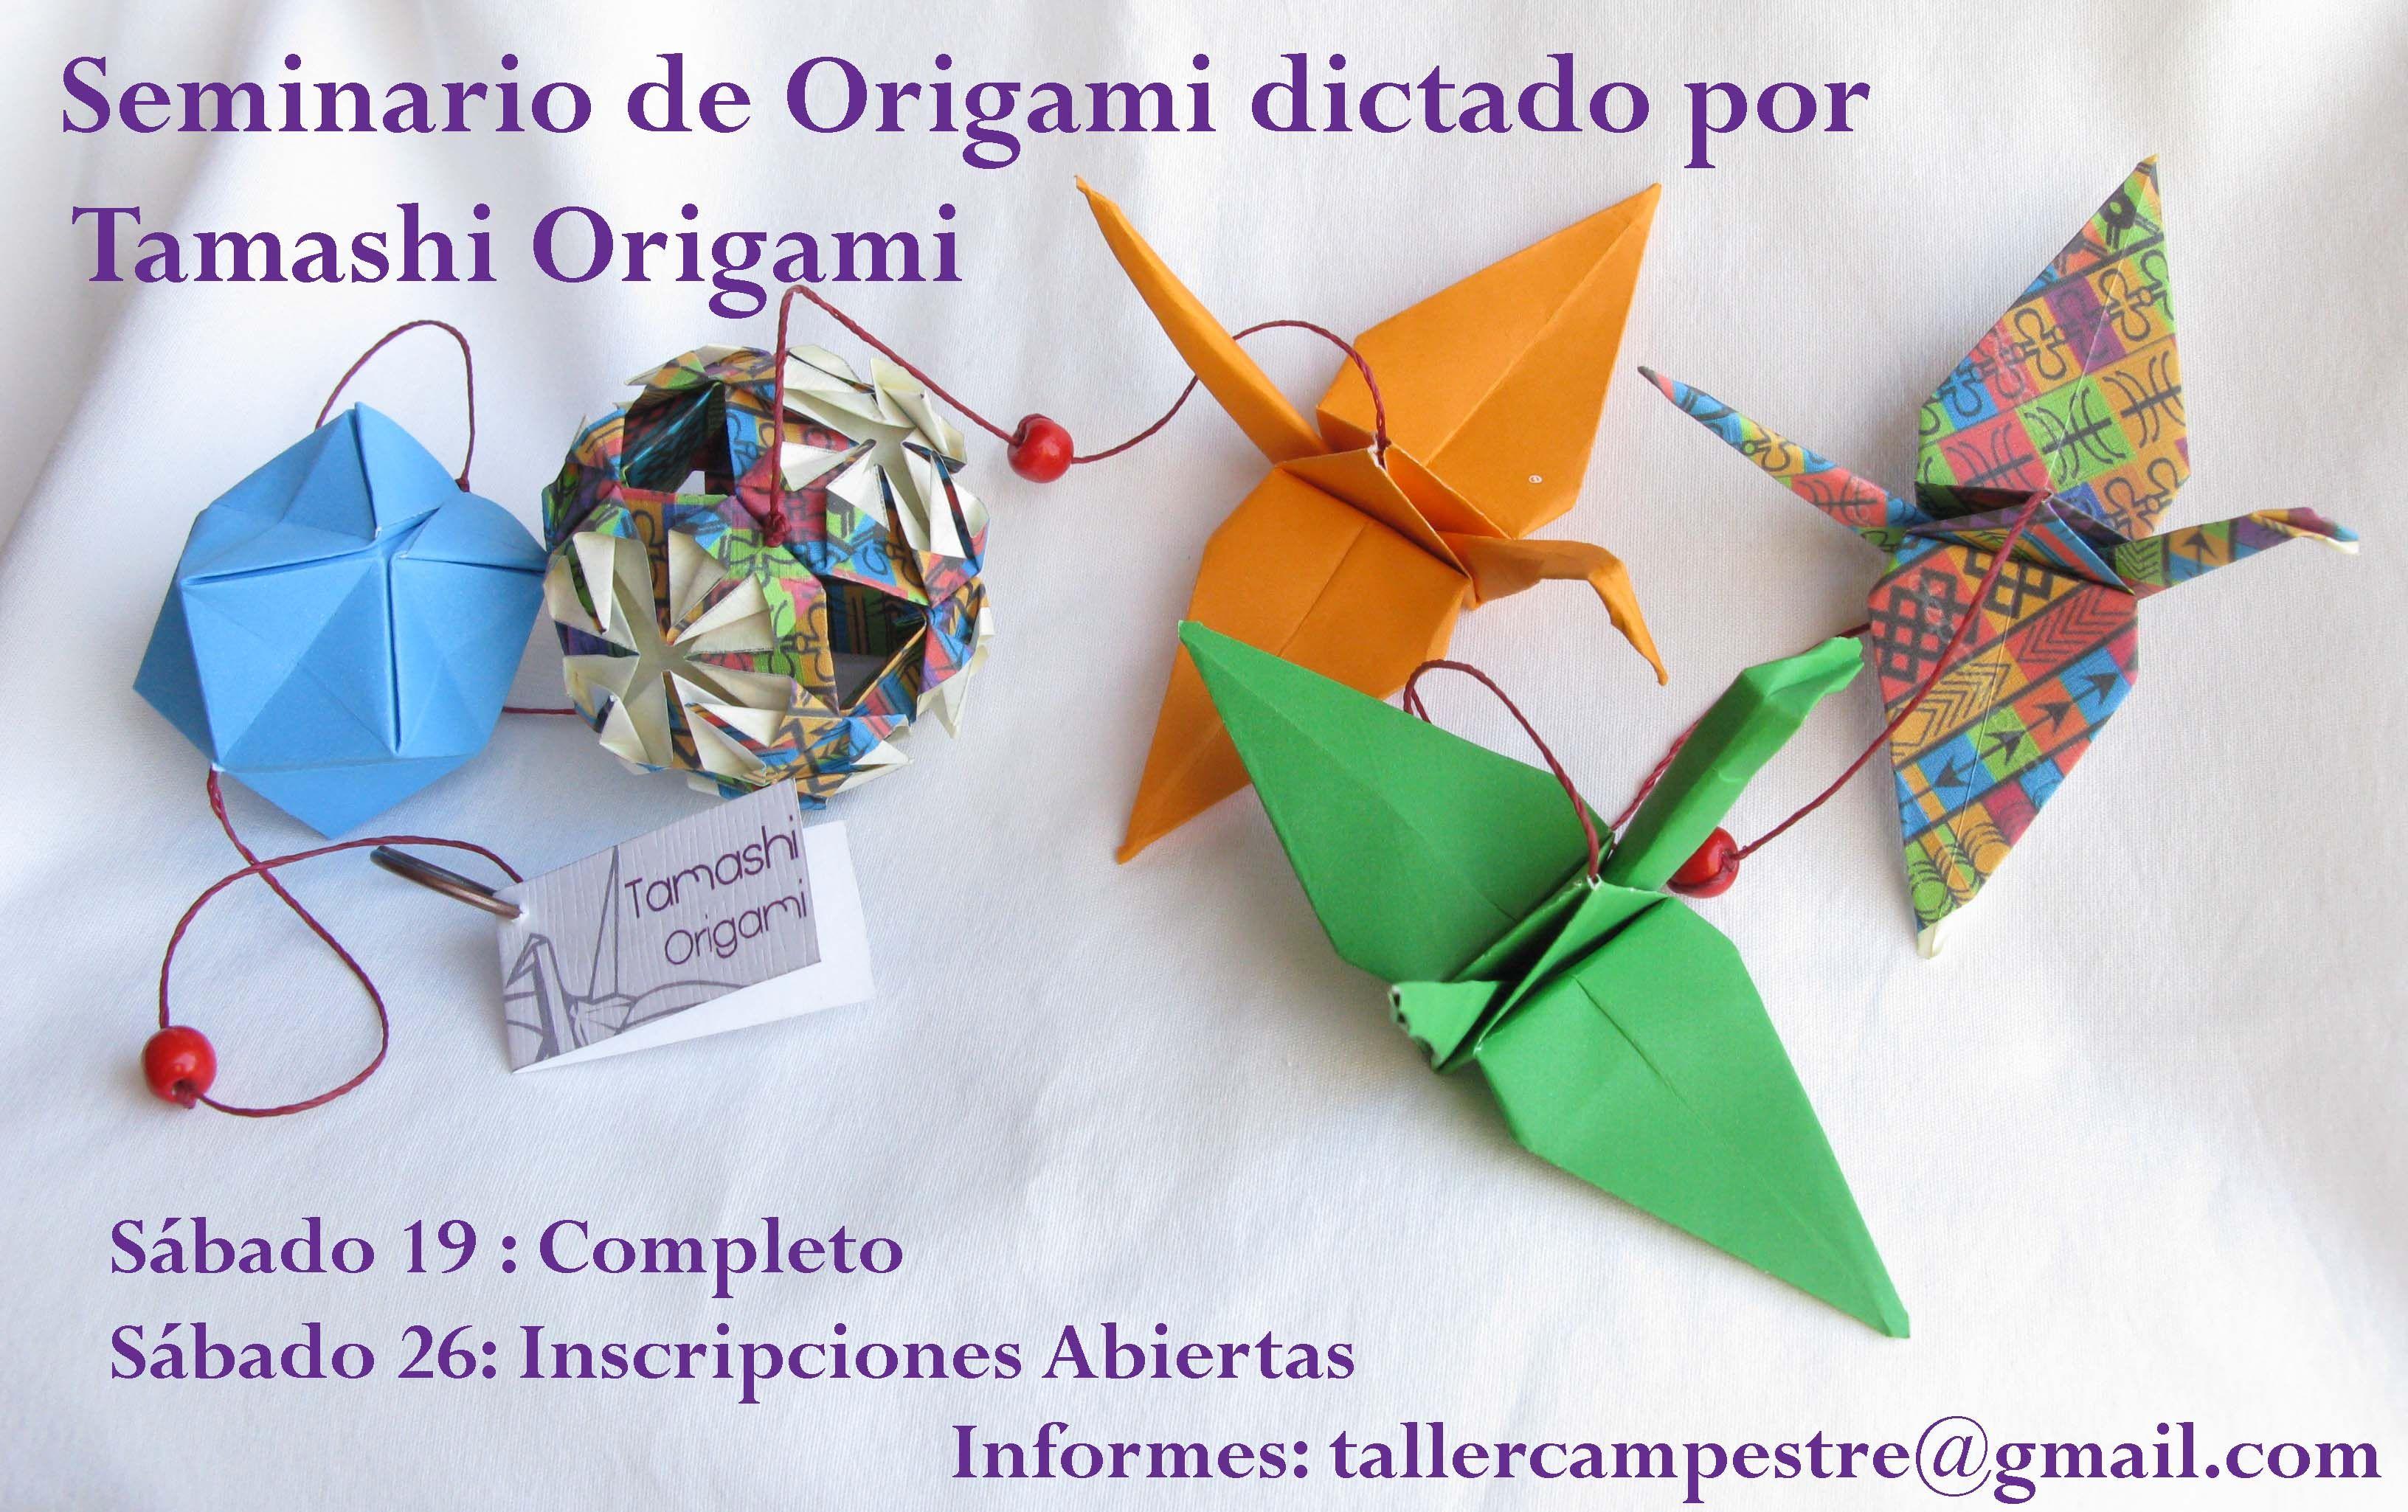 Seminario de Origami, dictado por Tamashi Origami. Inscripciones abiertas.